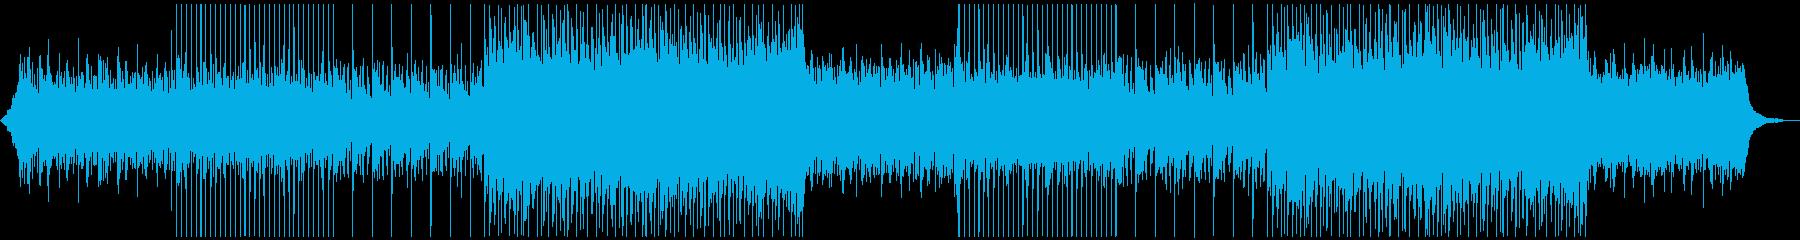 軽快なポップ メインのアコギなしの再生済みの波形